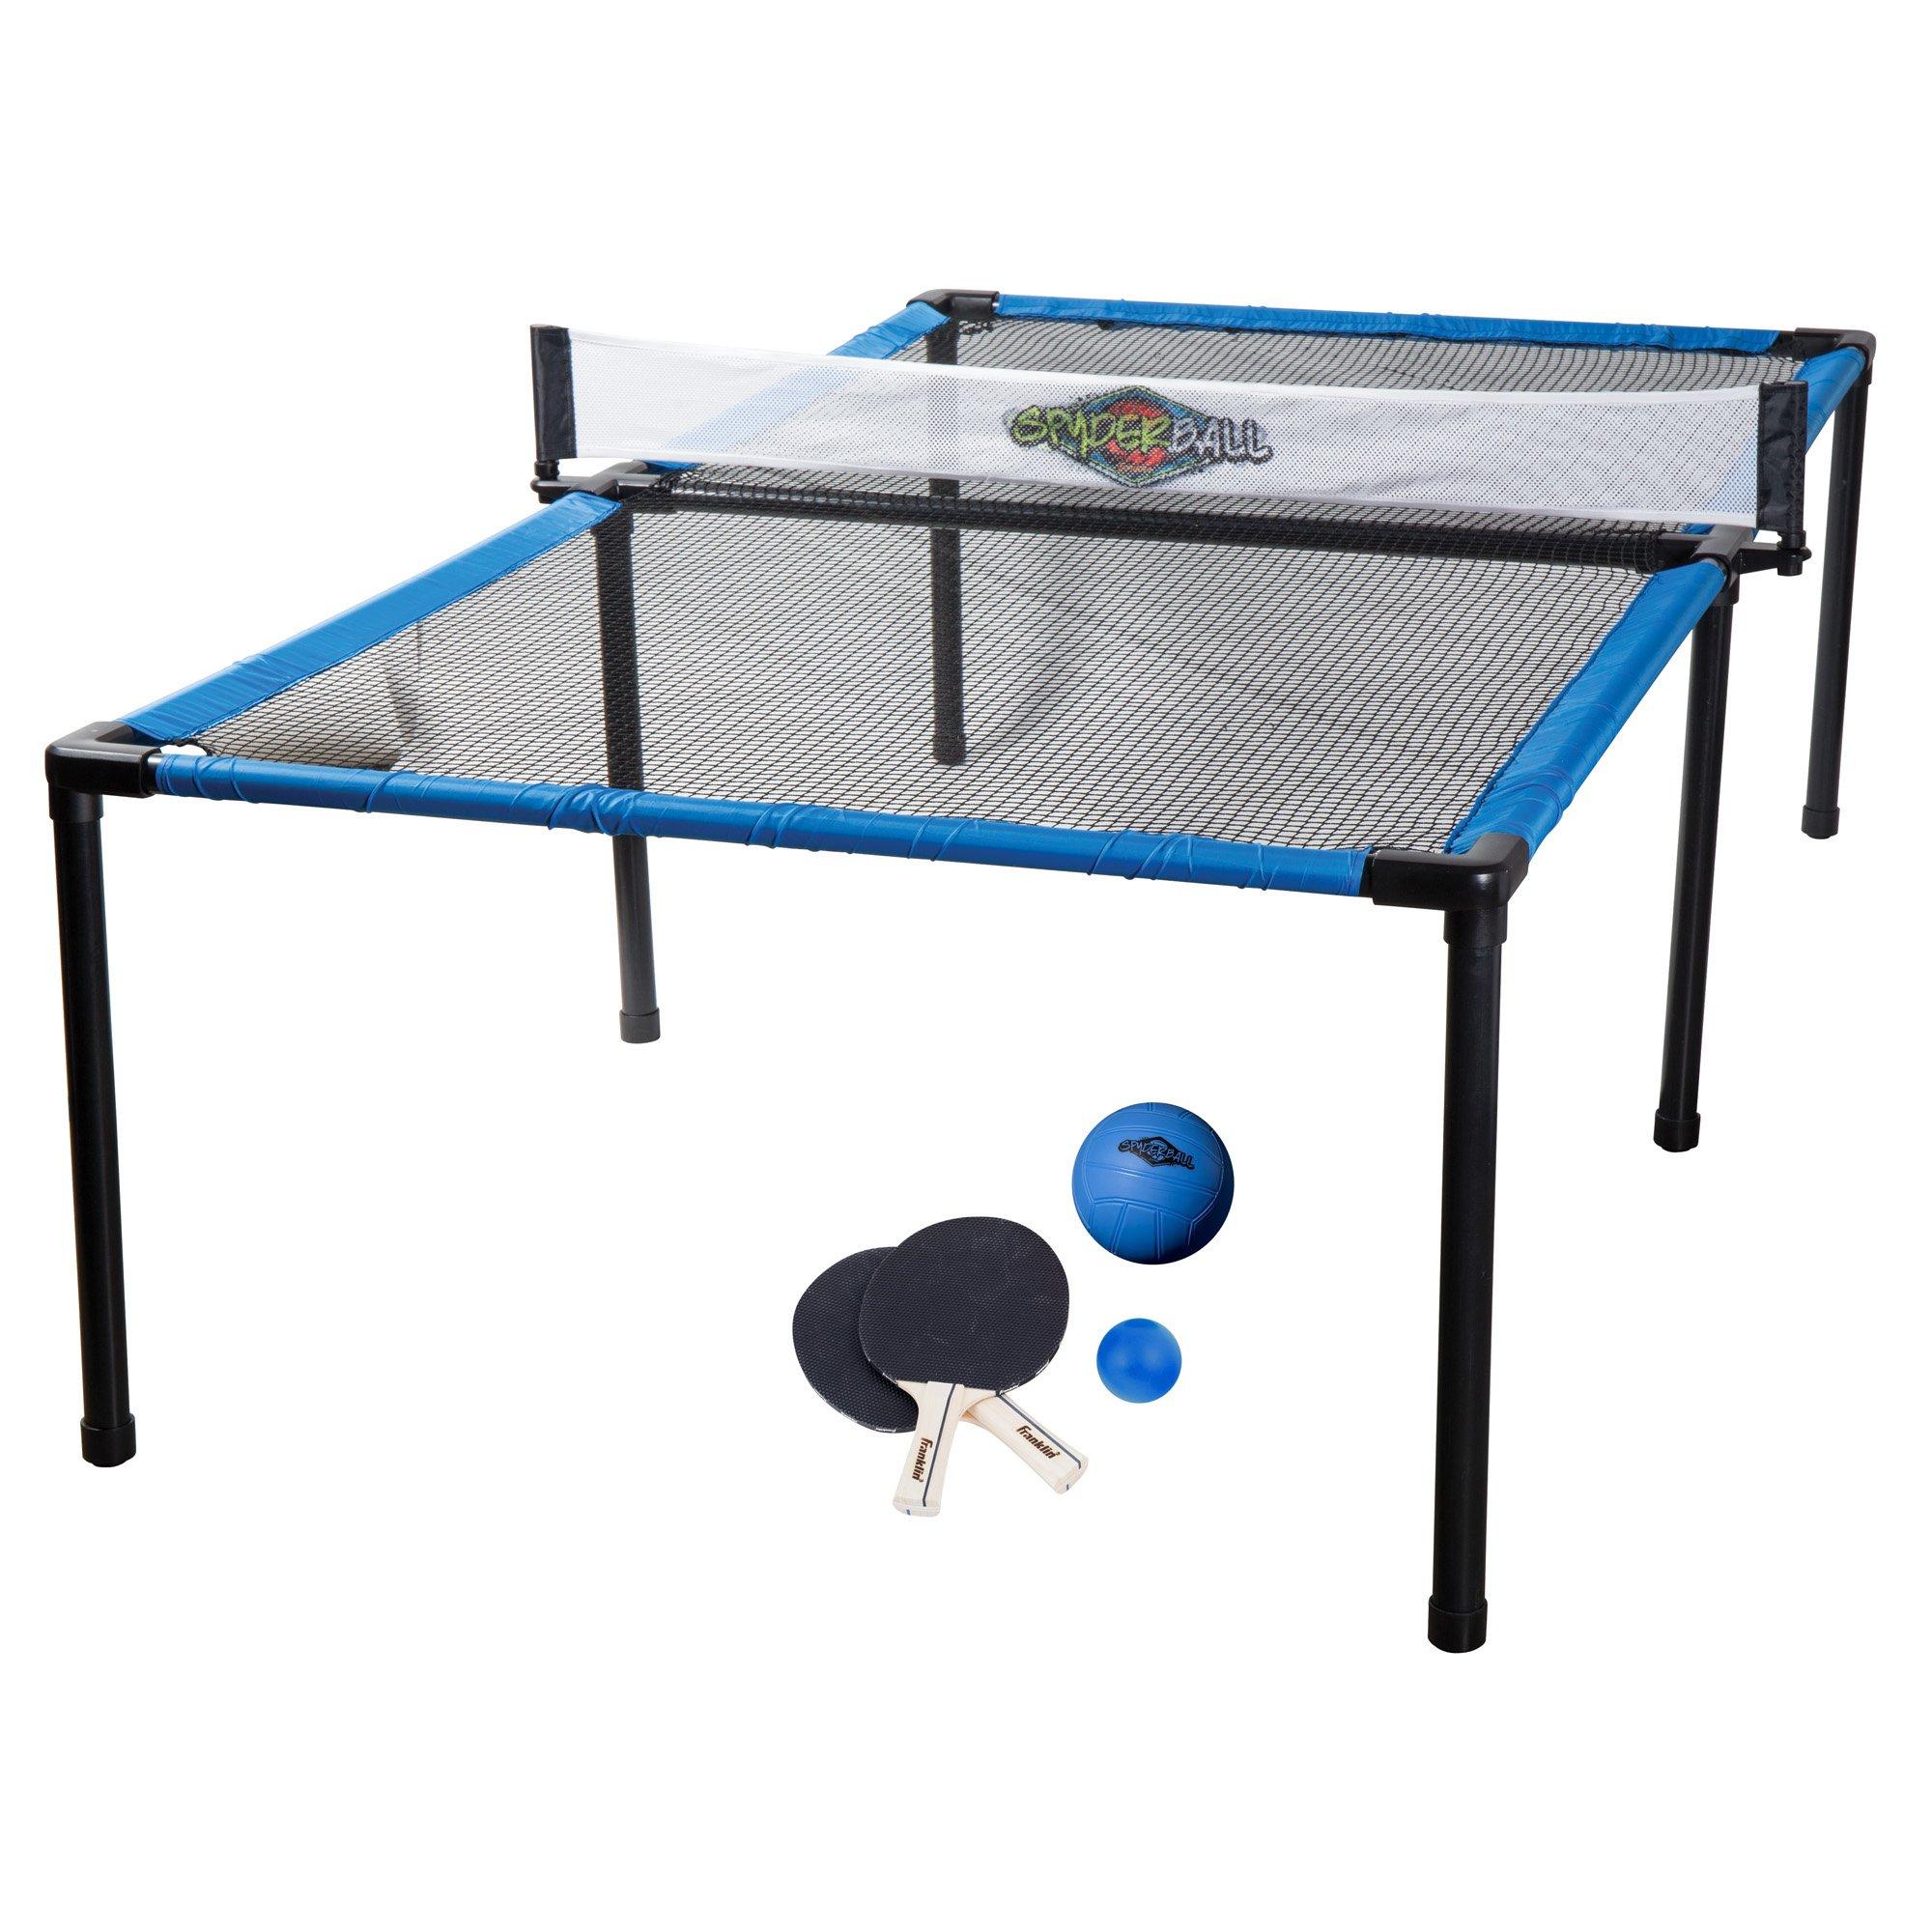 Franklin Sports Spyder Pong